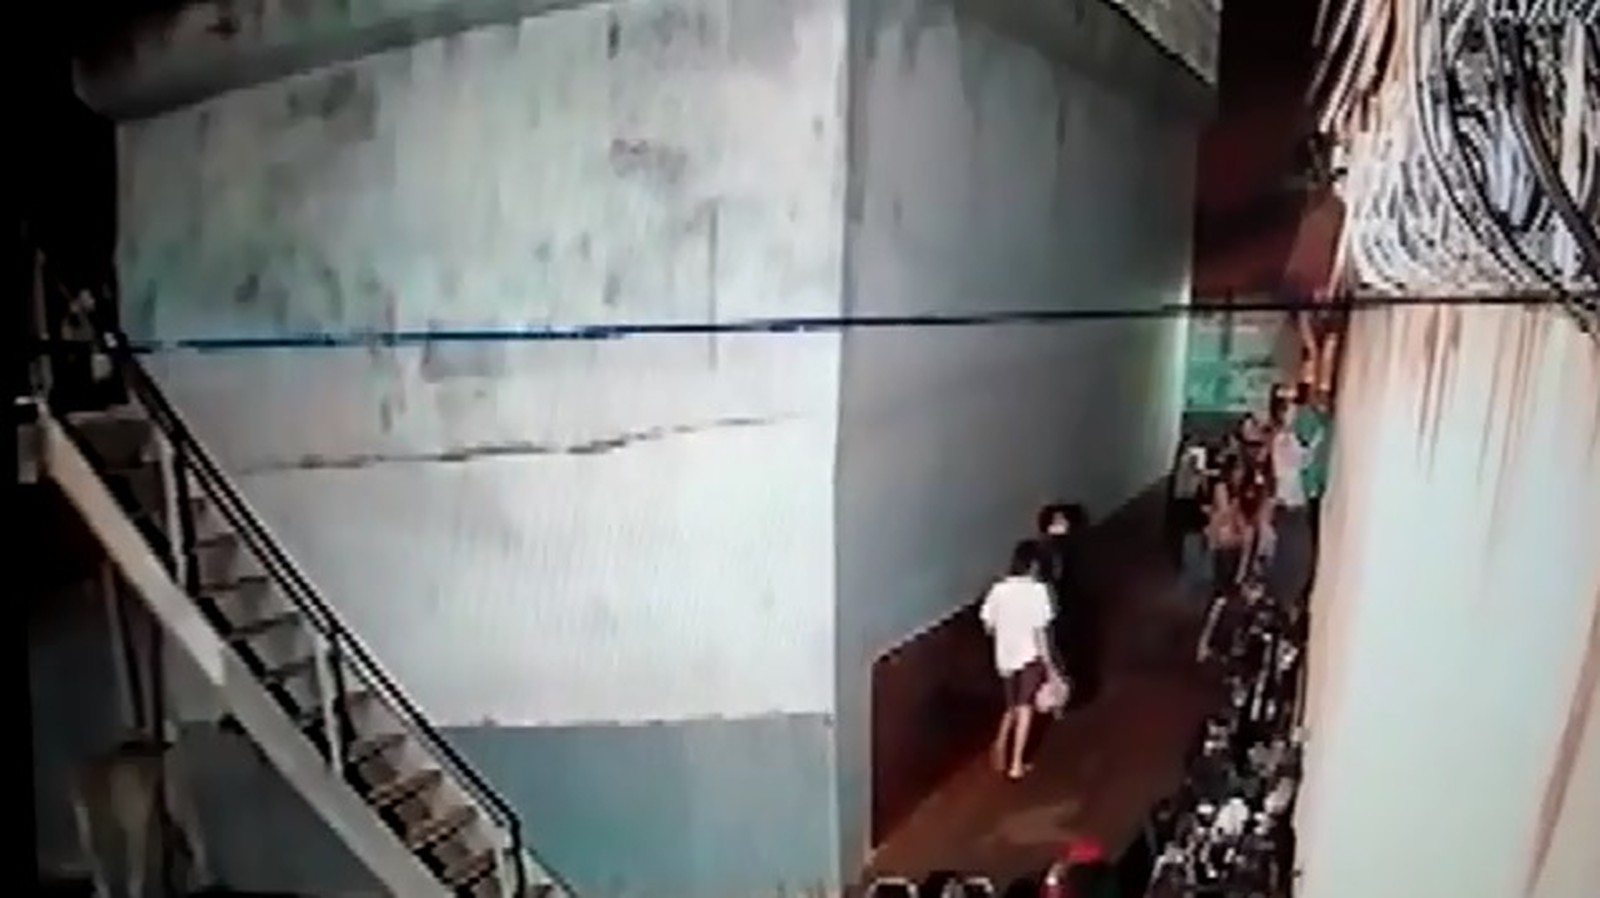 Presos se aglomeram no pátio externo da delegacia para tentar fugir da cadeia — Foto: Divulgação/Polícia Civil